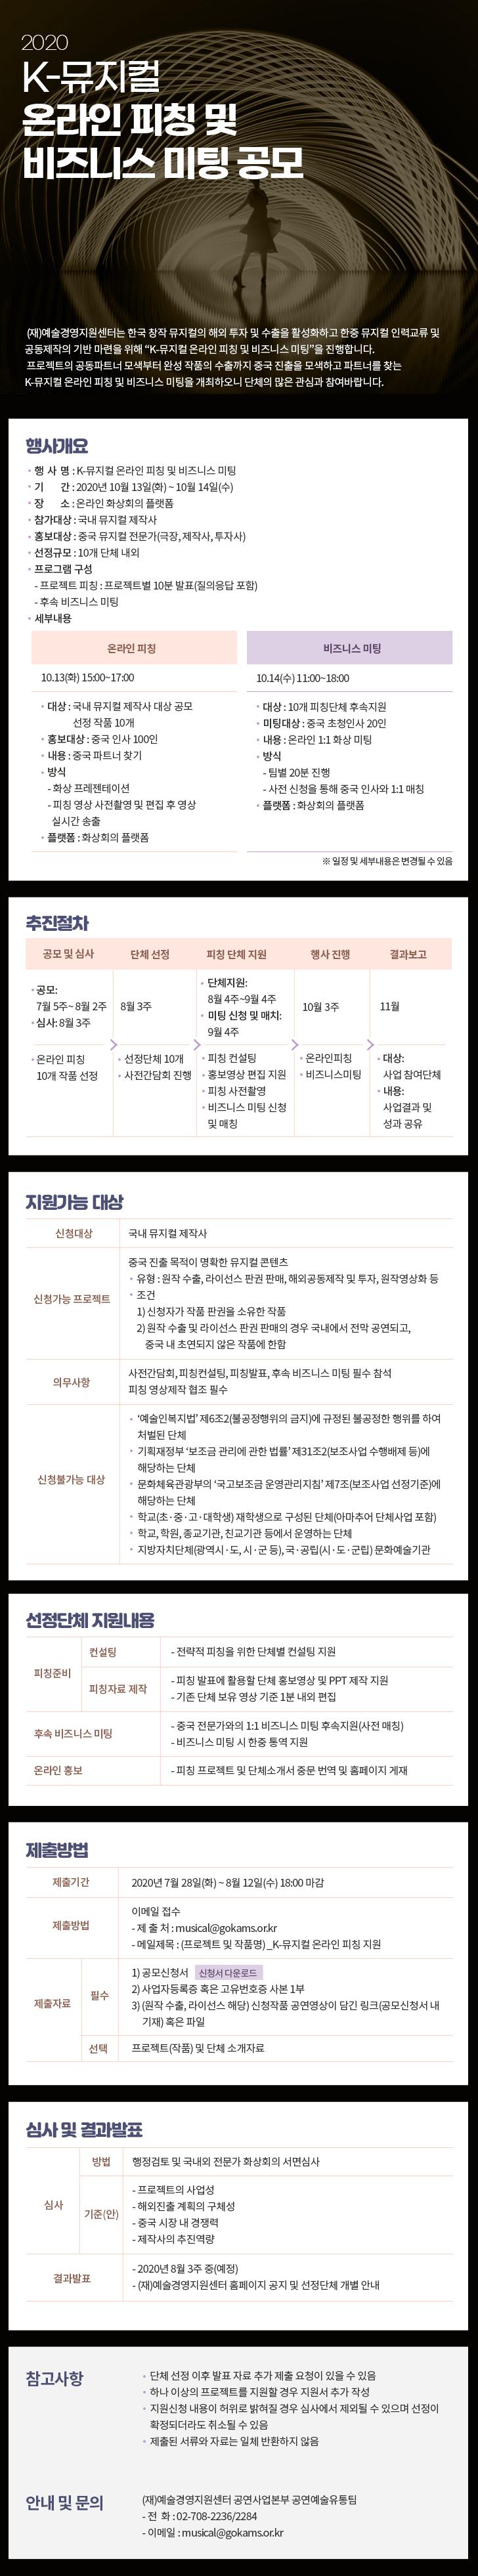 [예술경영지원센터]2020 K-뮤지컬 온라인 피칭 및 비즈니스 미팅 공모